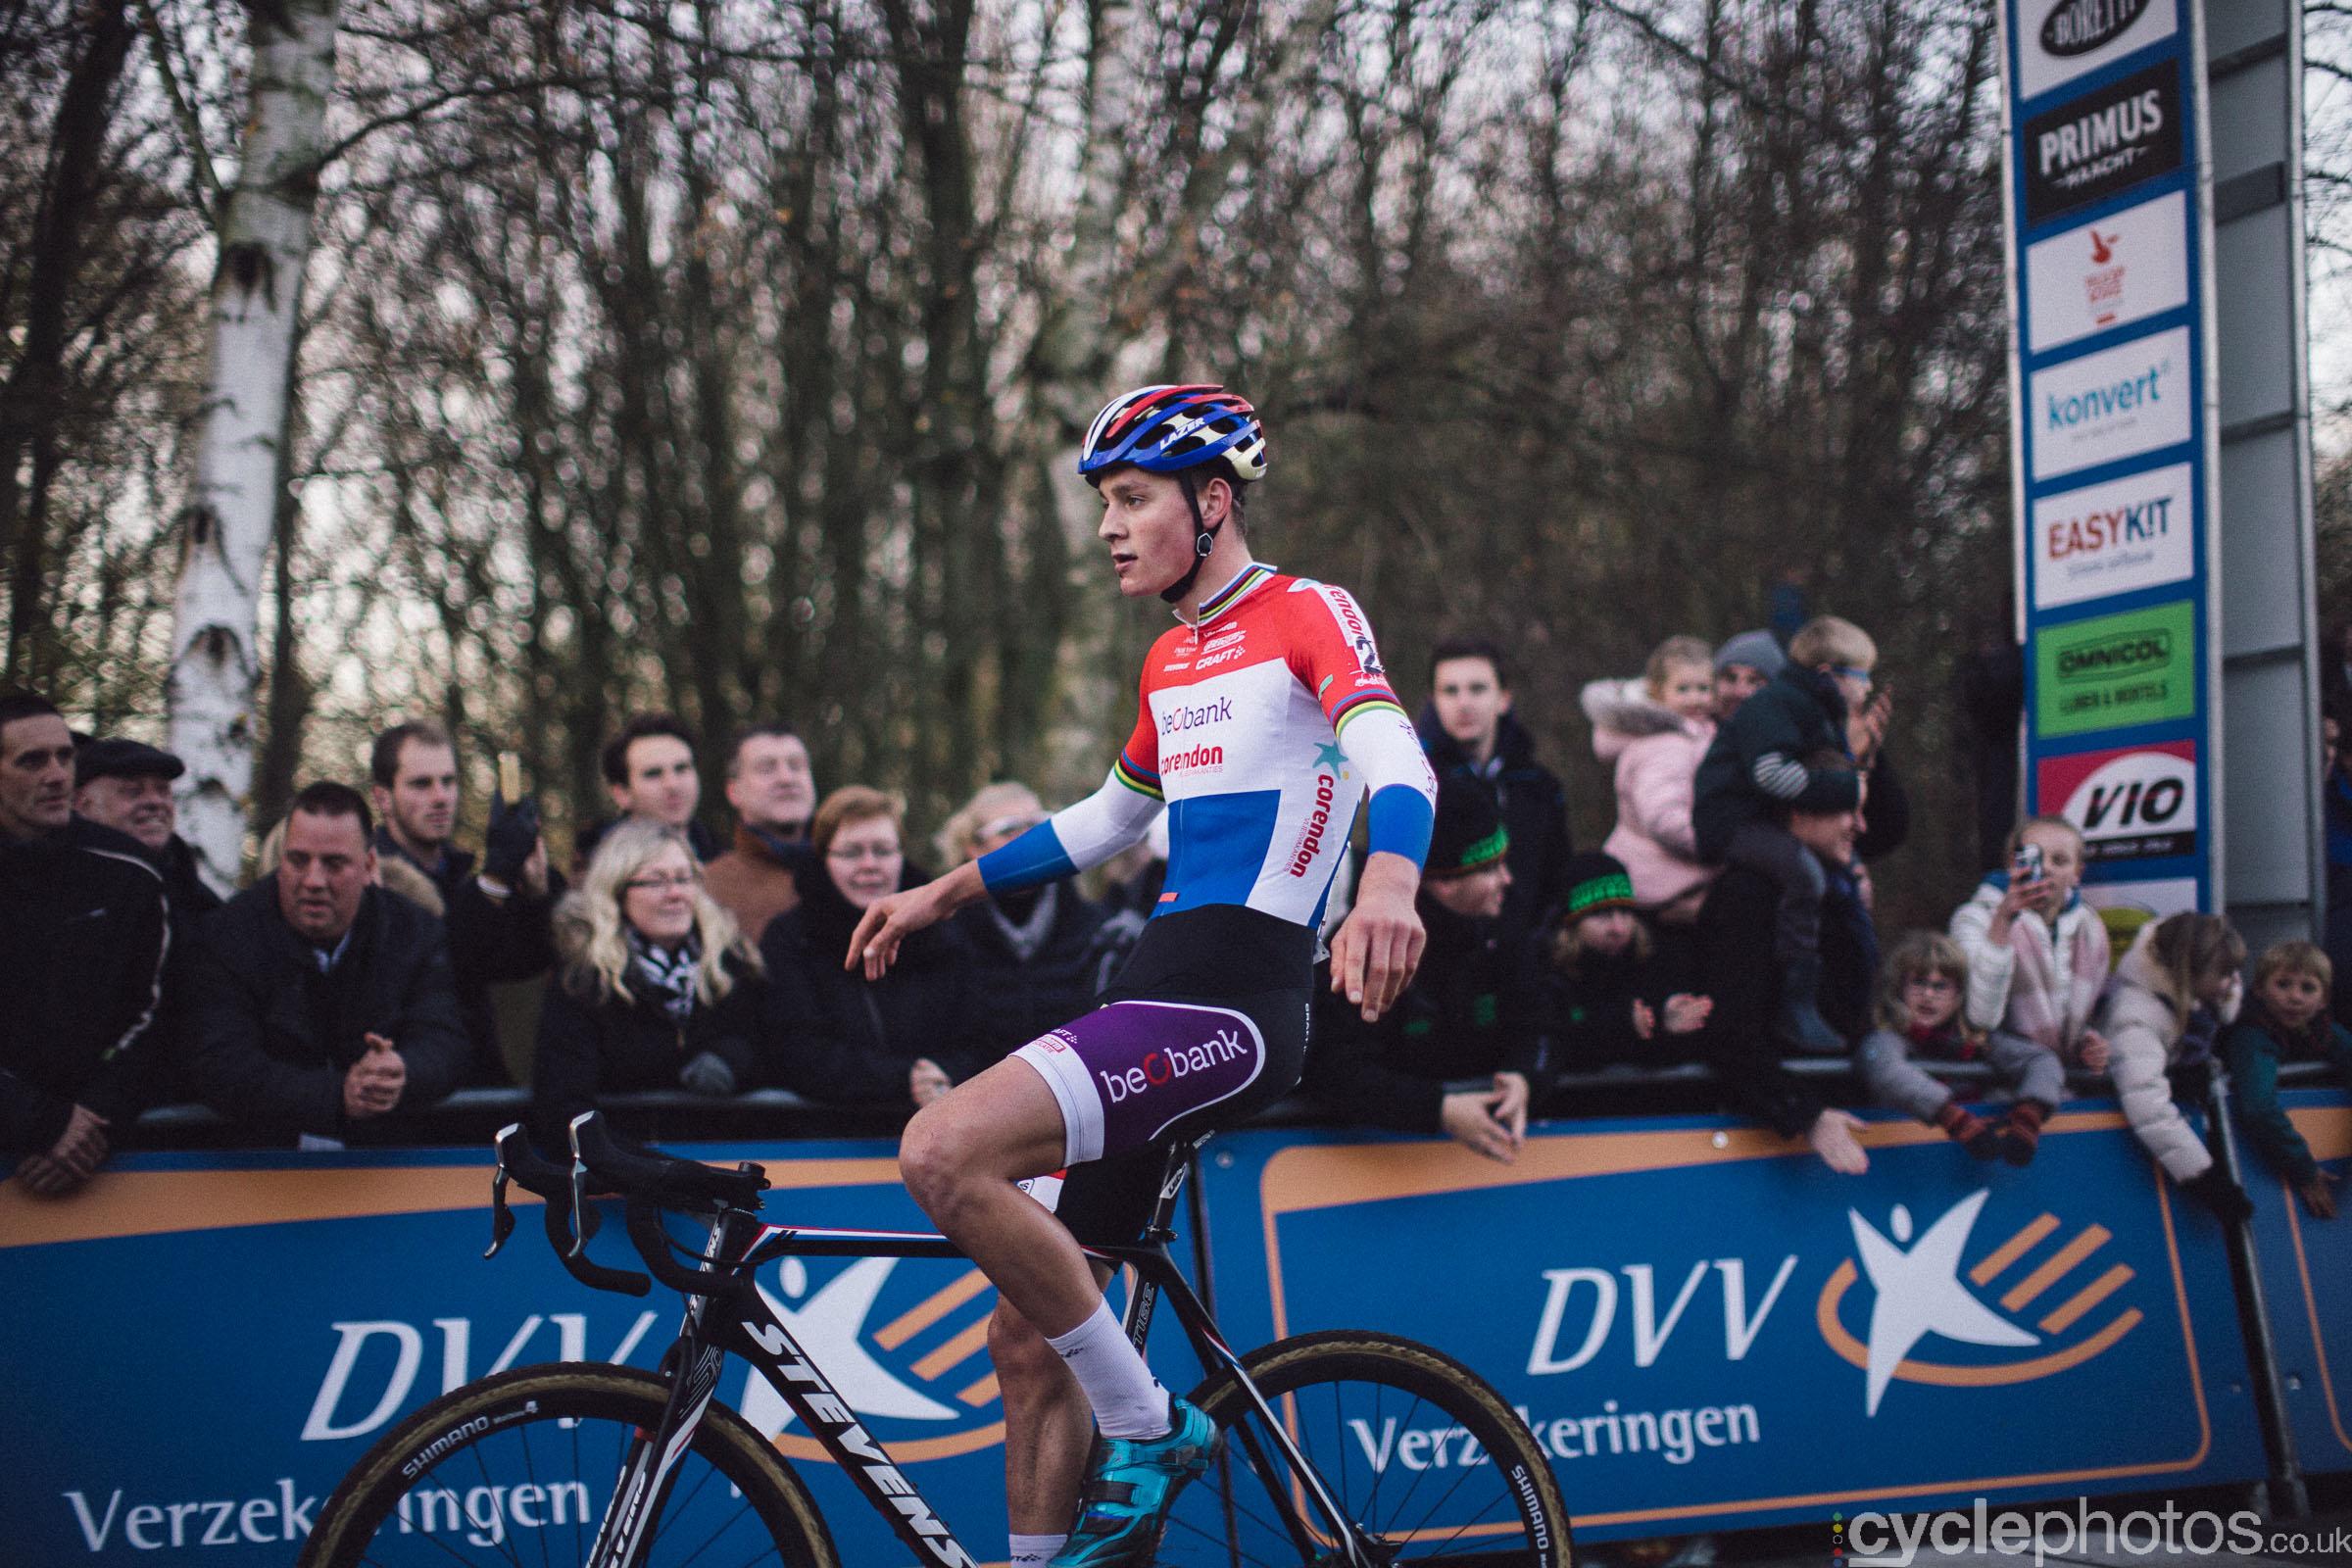 Cyclocross DVV Verzekeringen Trofee #3 - Flandriencross, Hamme